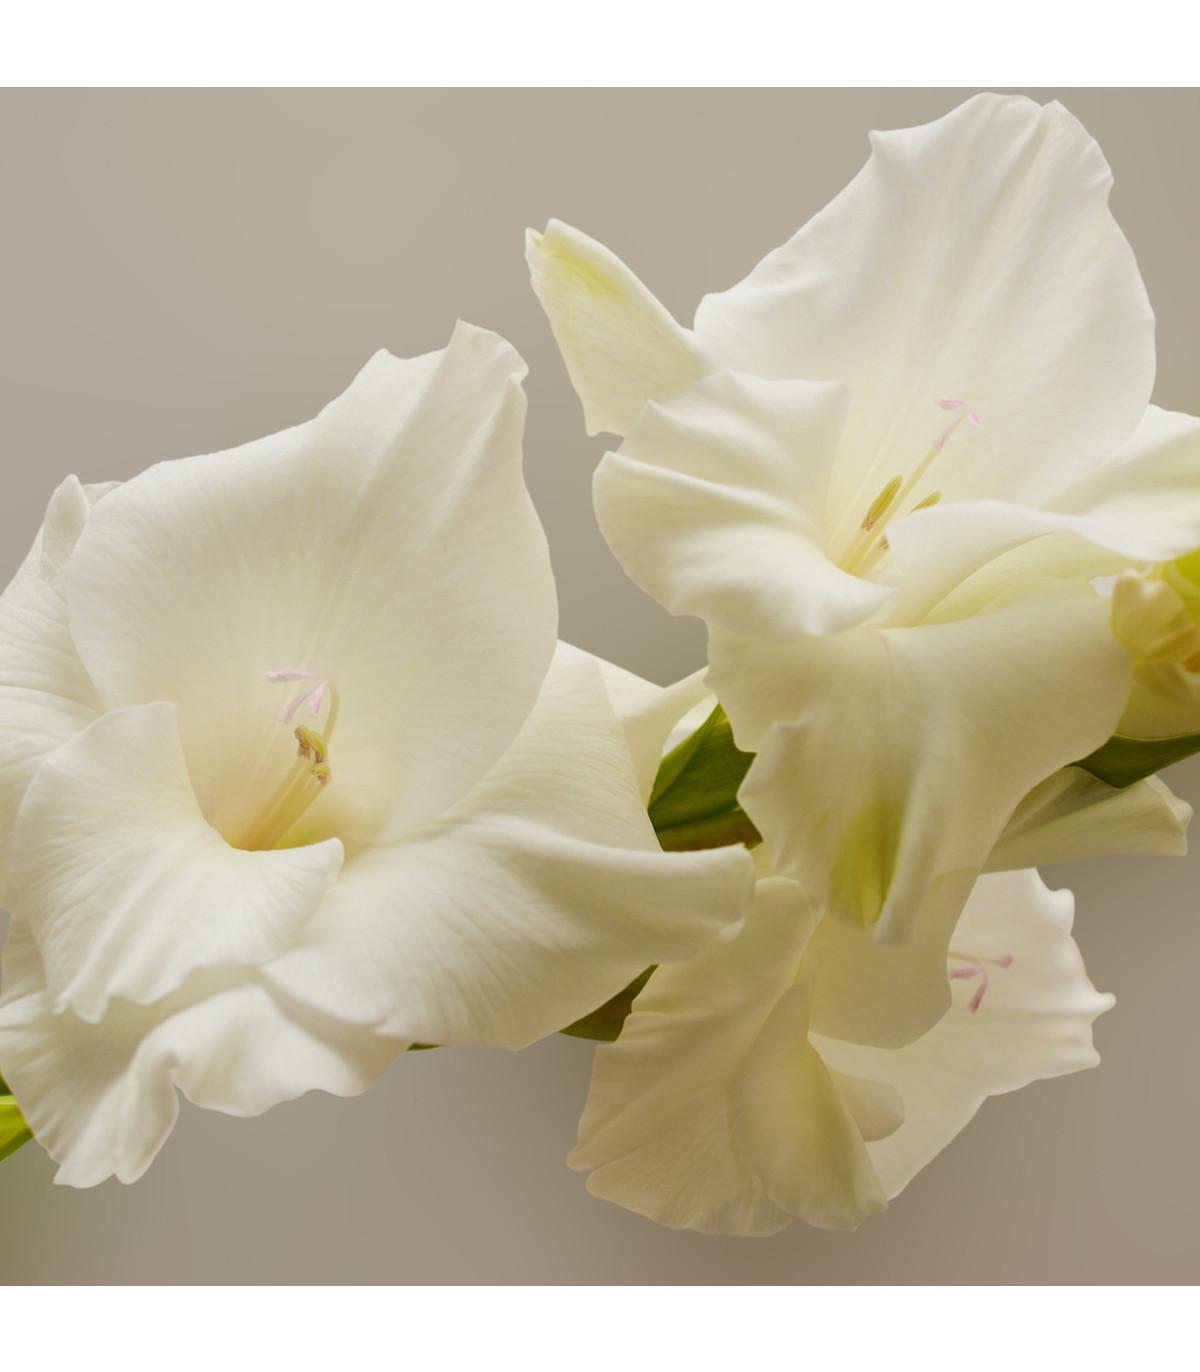 Gladiol White Prosperity - Gladiolus - hlízy mečíků - 3 ks